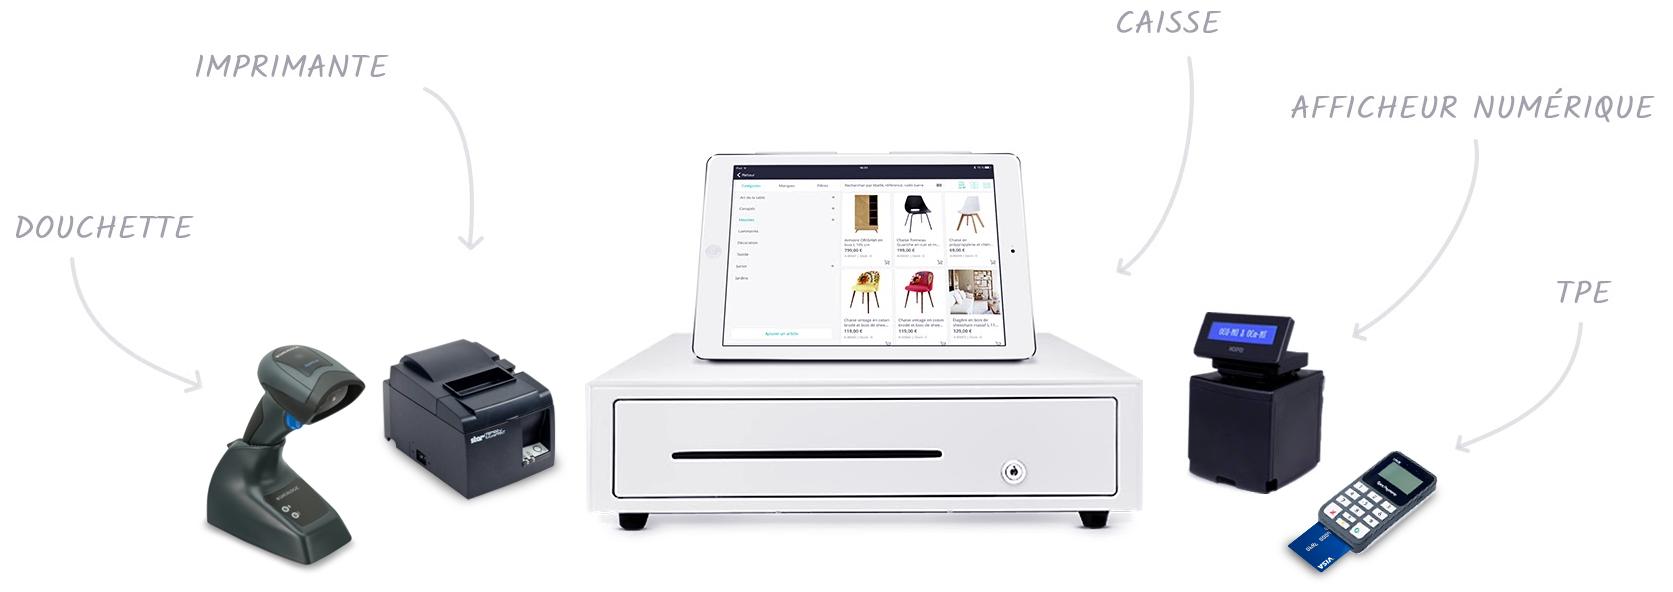 Le logiciel de caisse RoverCash est compatible avec de nombreux appareils de caisse.